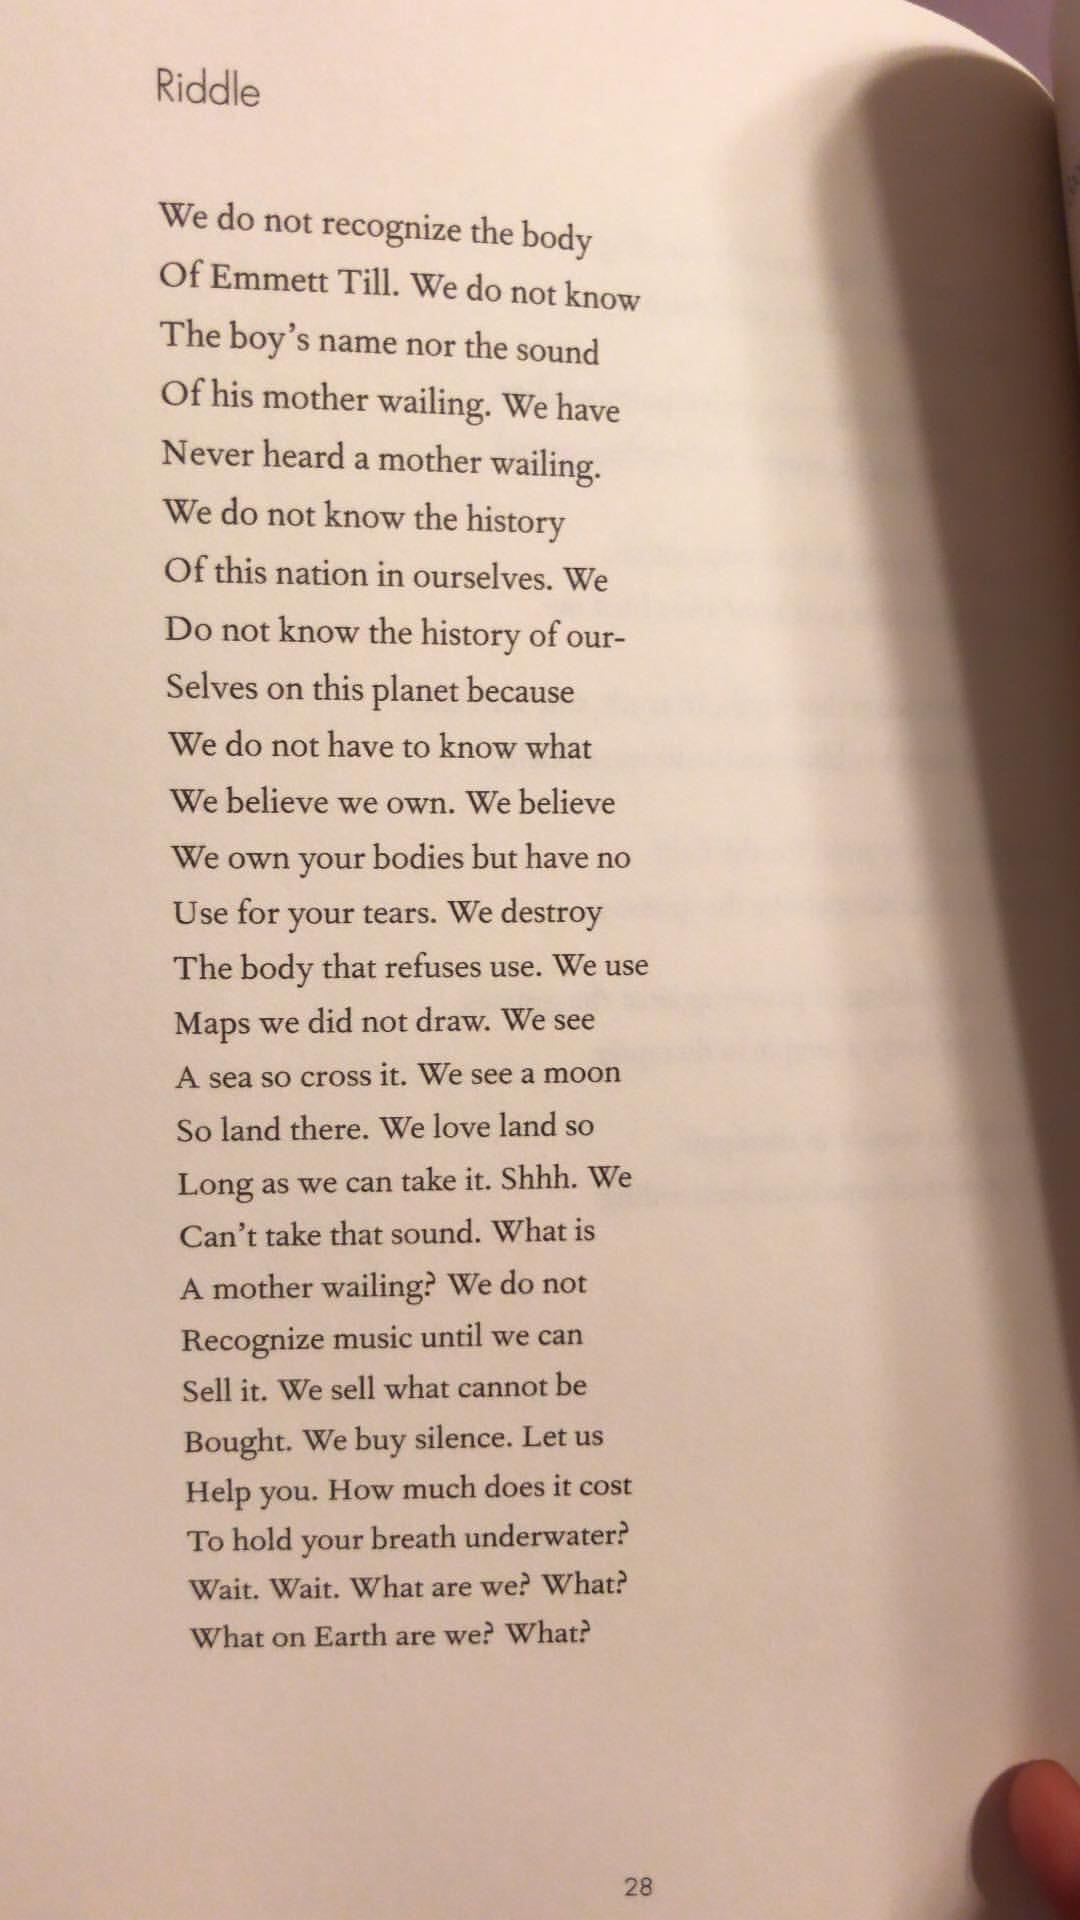 Poems in April